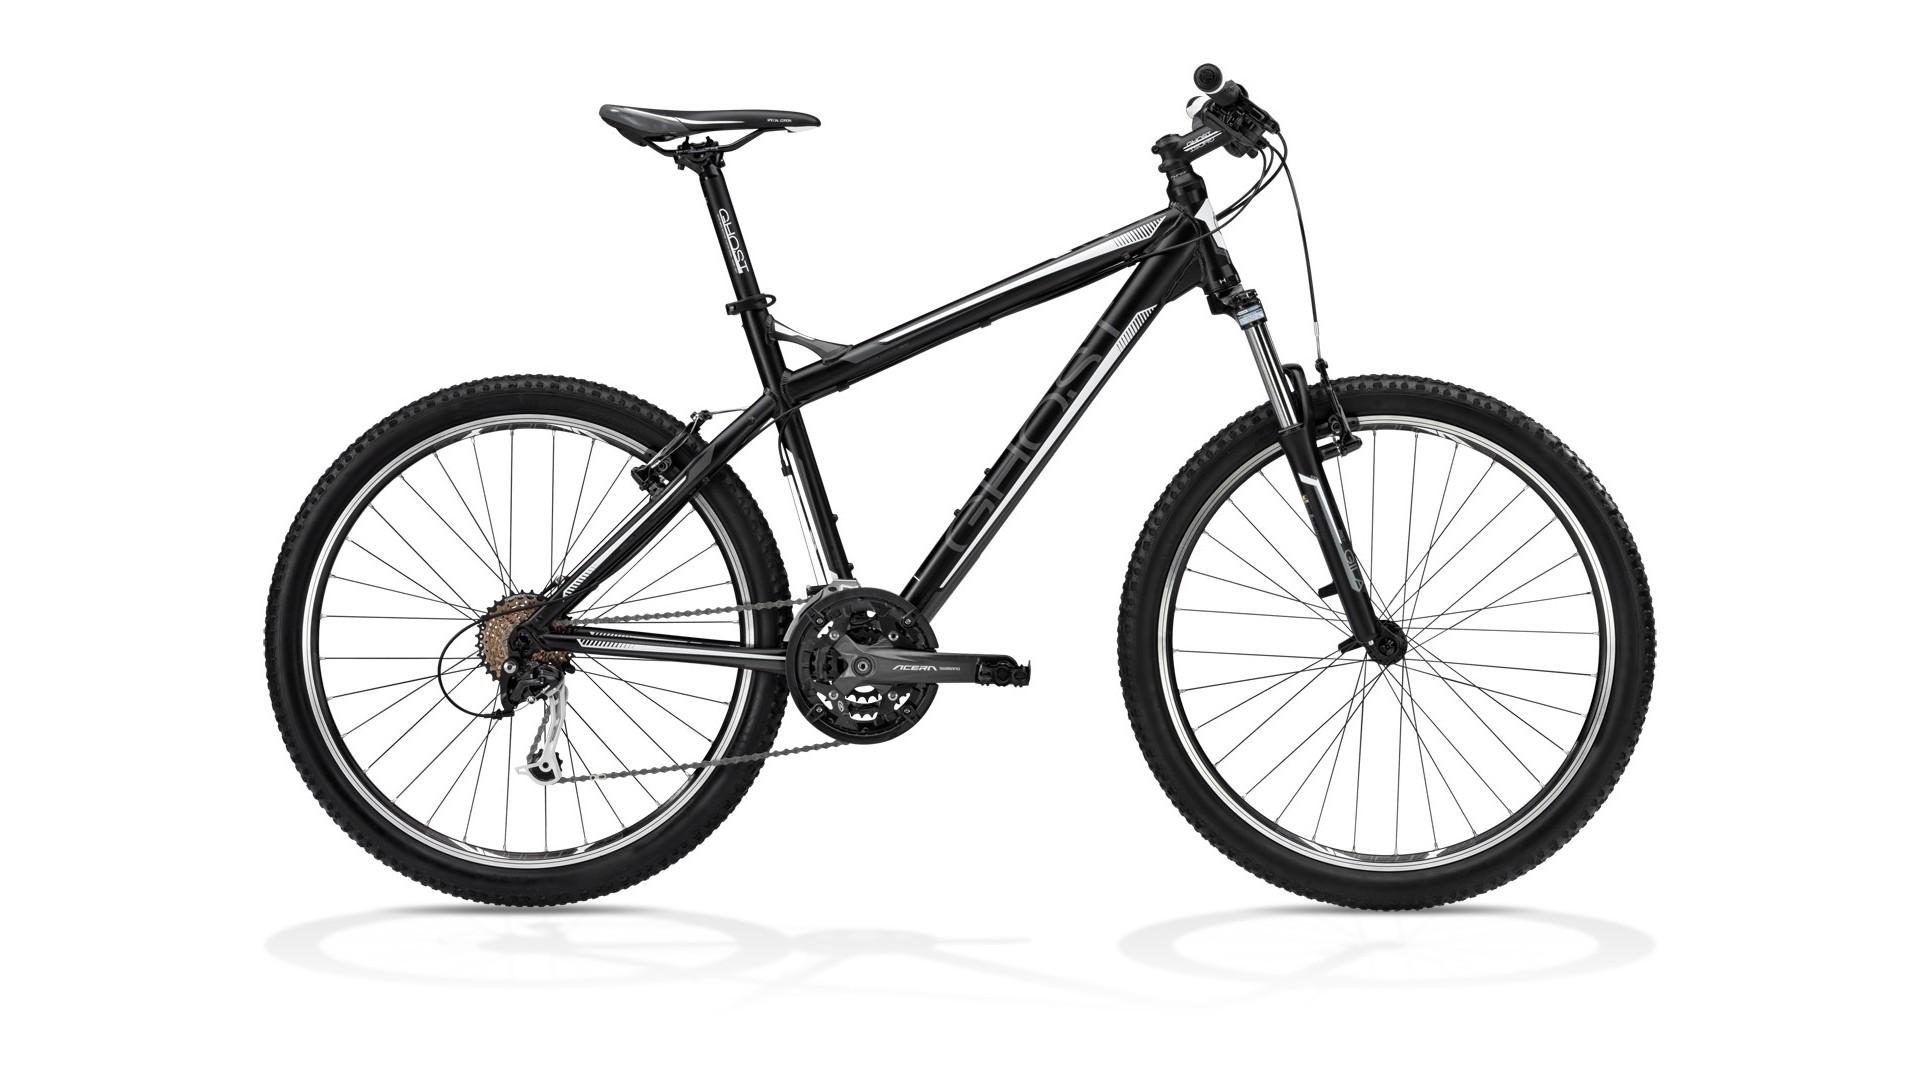 Велосипед GHOST SE 1800 black/grey/white год 2013